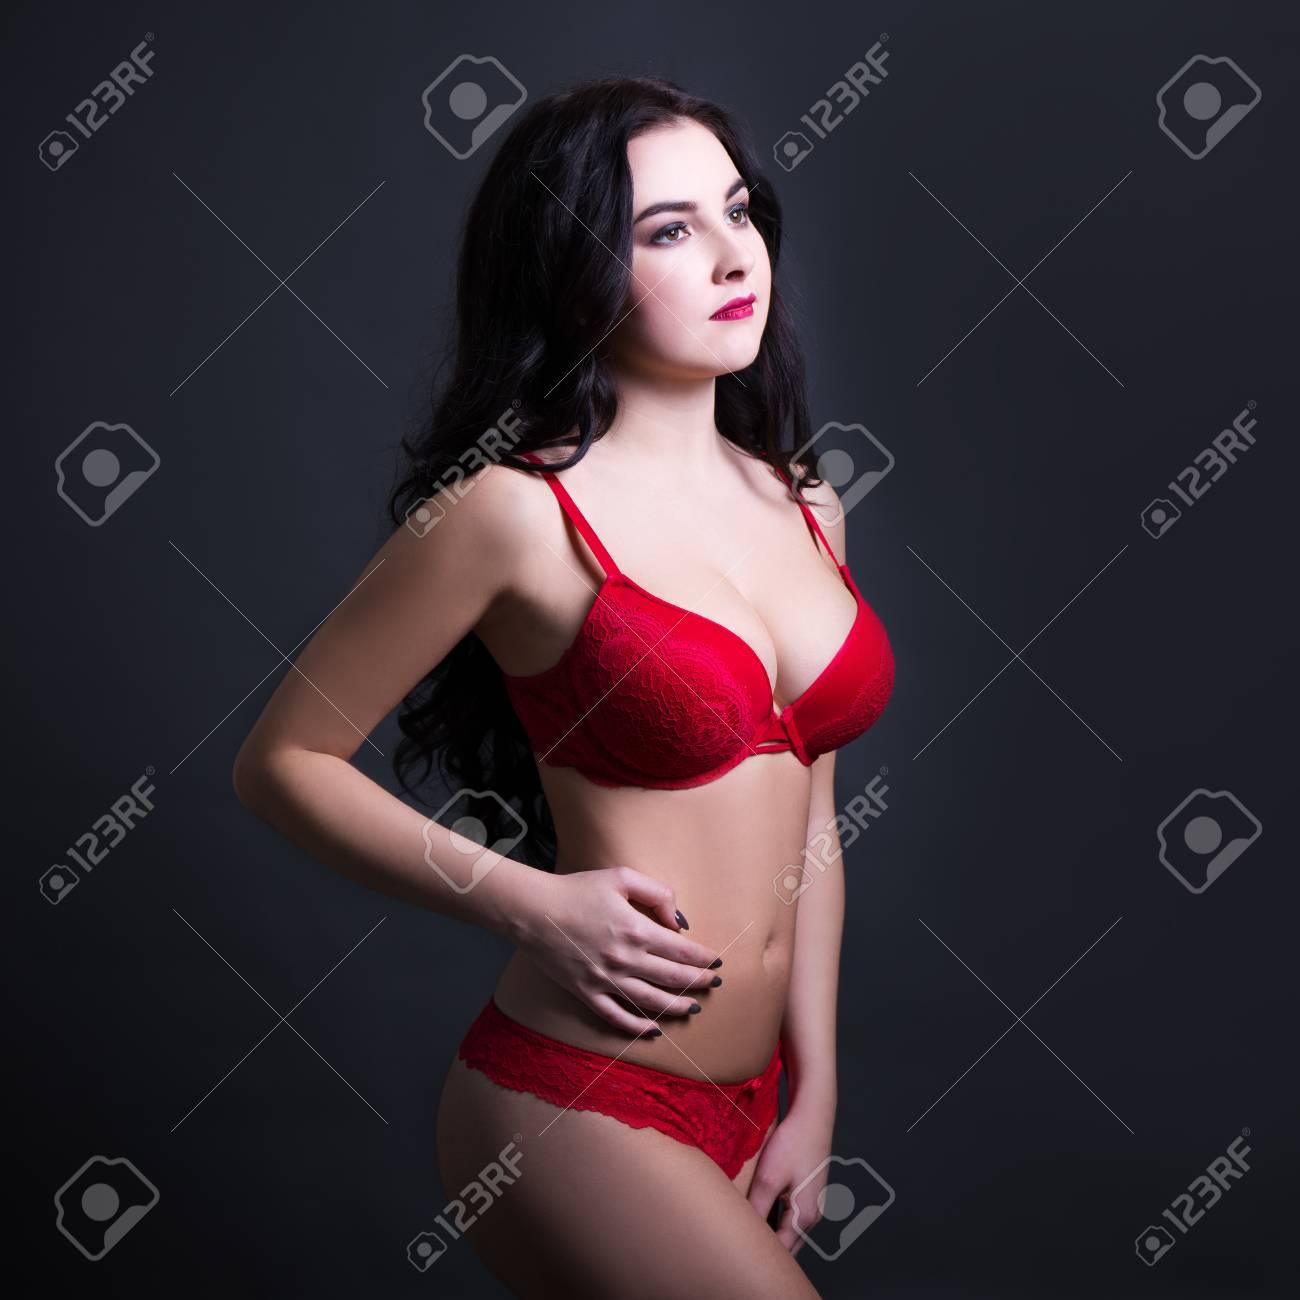 eb5575f3bf Foto de archivo - Sexy joven y bella mujer en lencería de encaje rojo  posando sobre fondo negro